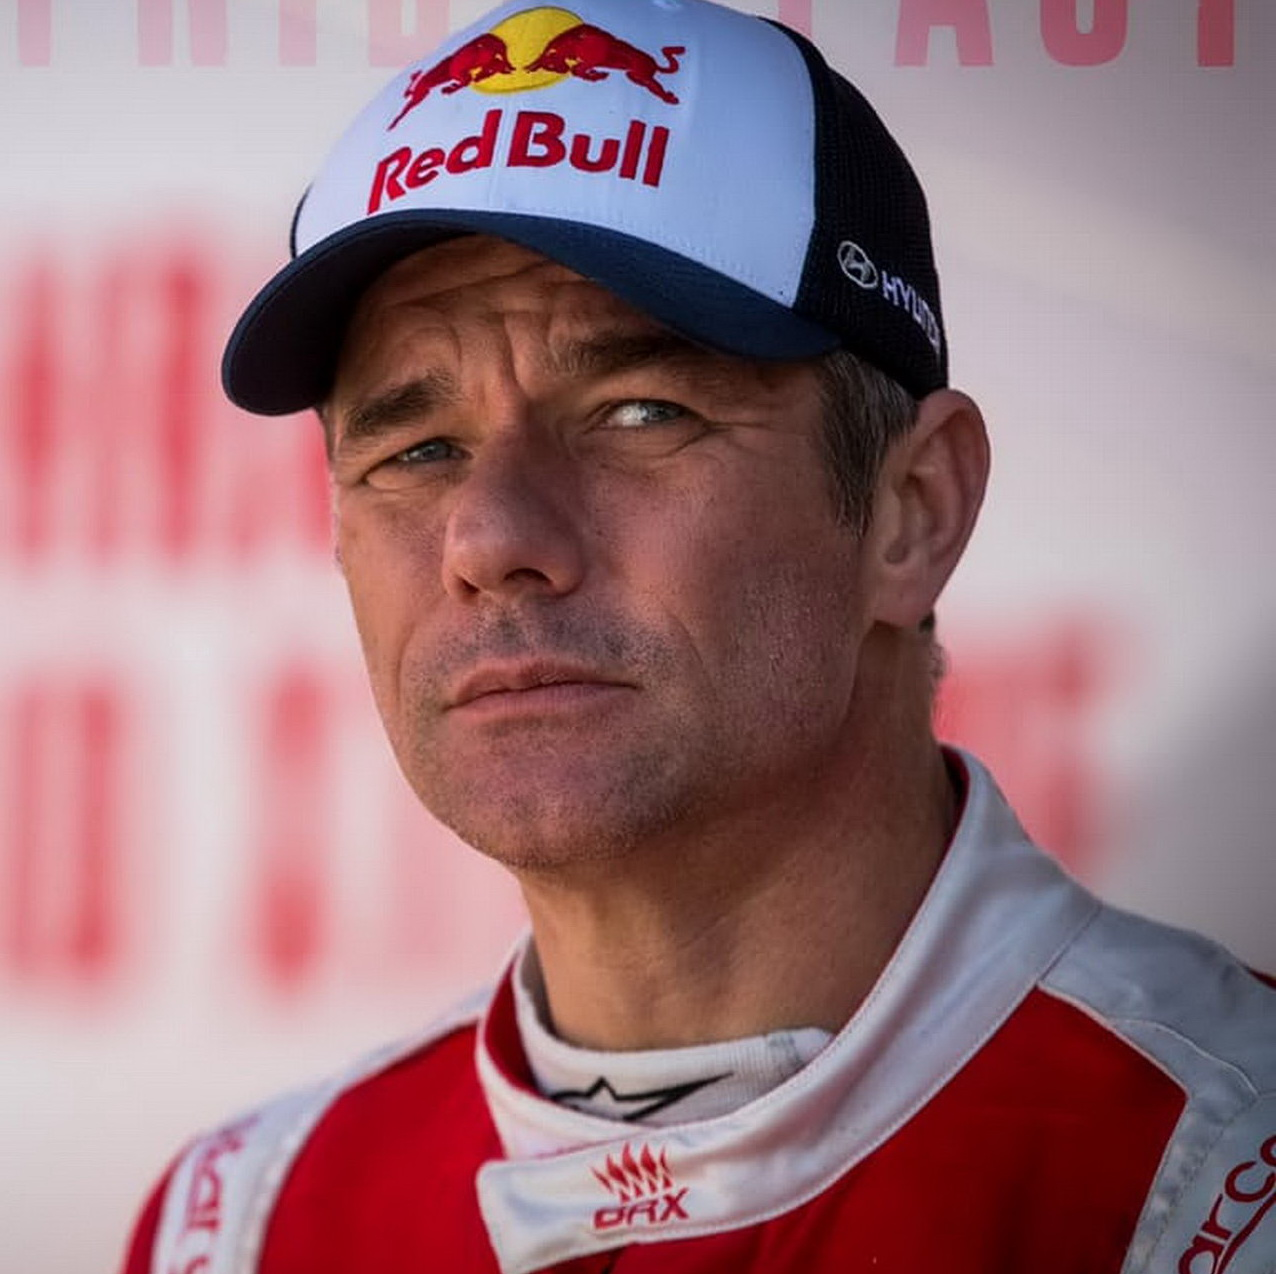 Στοχεύοντας να είστε μεταξύ των διεκδικητών στο Dakar Loeb (+ βίντεο)